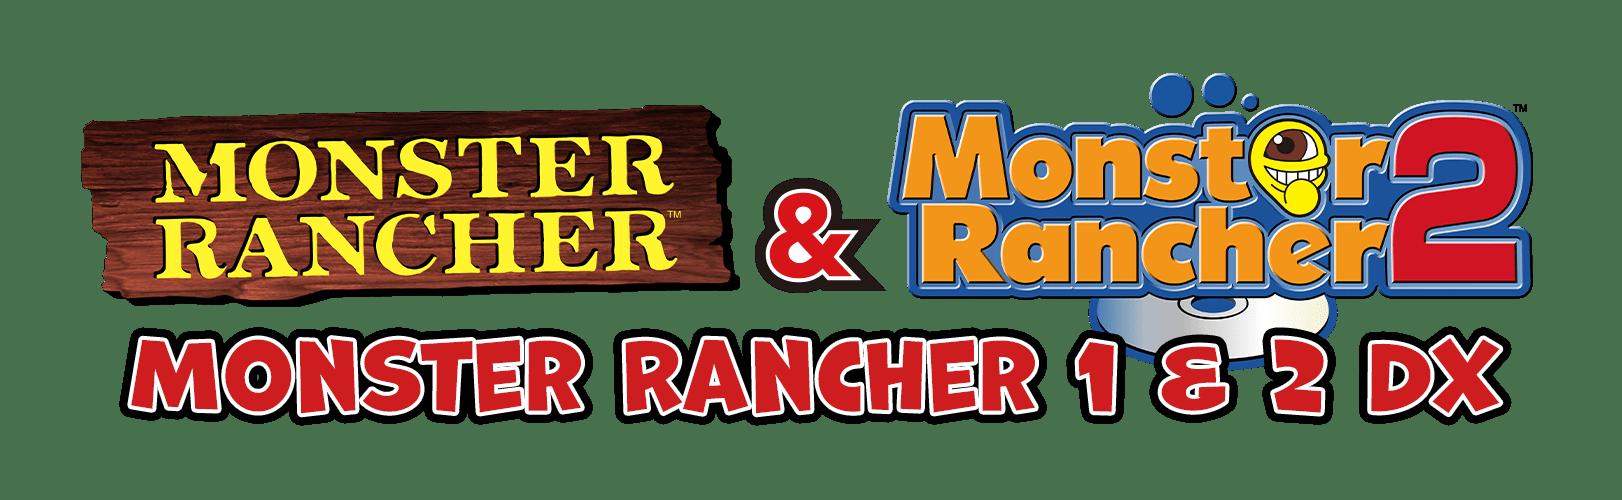 monster rancher logo